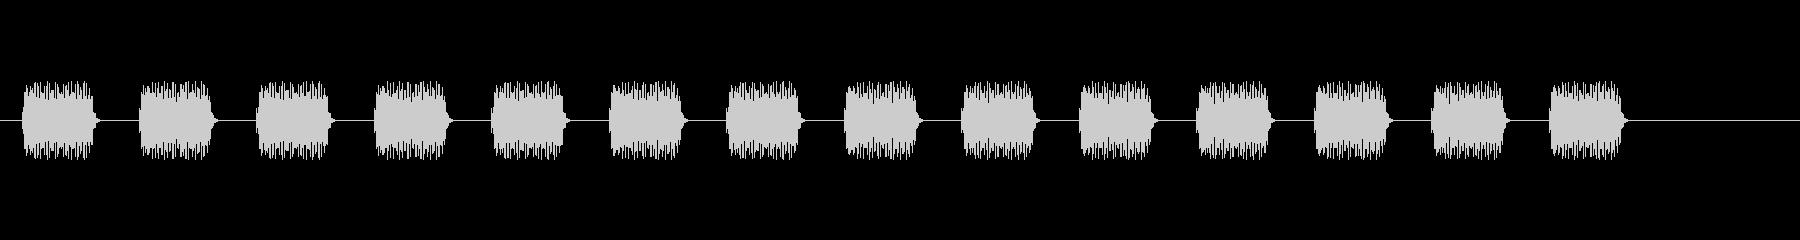 アラーム、バトルステーション_大音...の未再生の波形